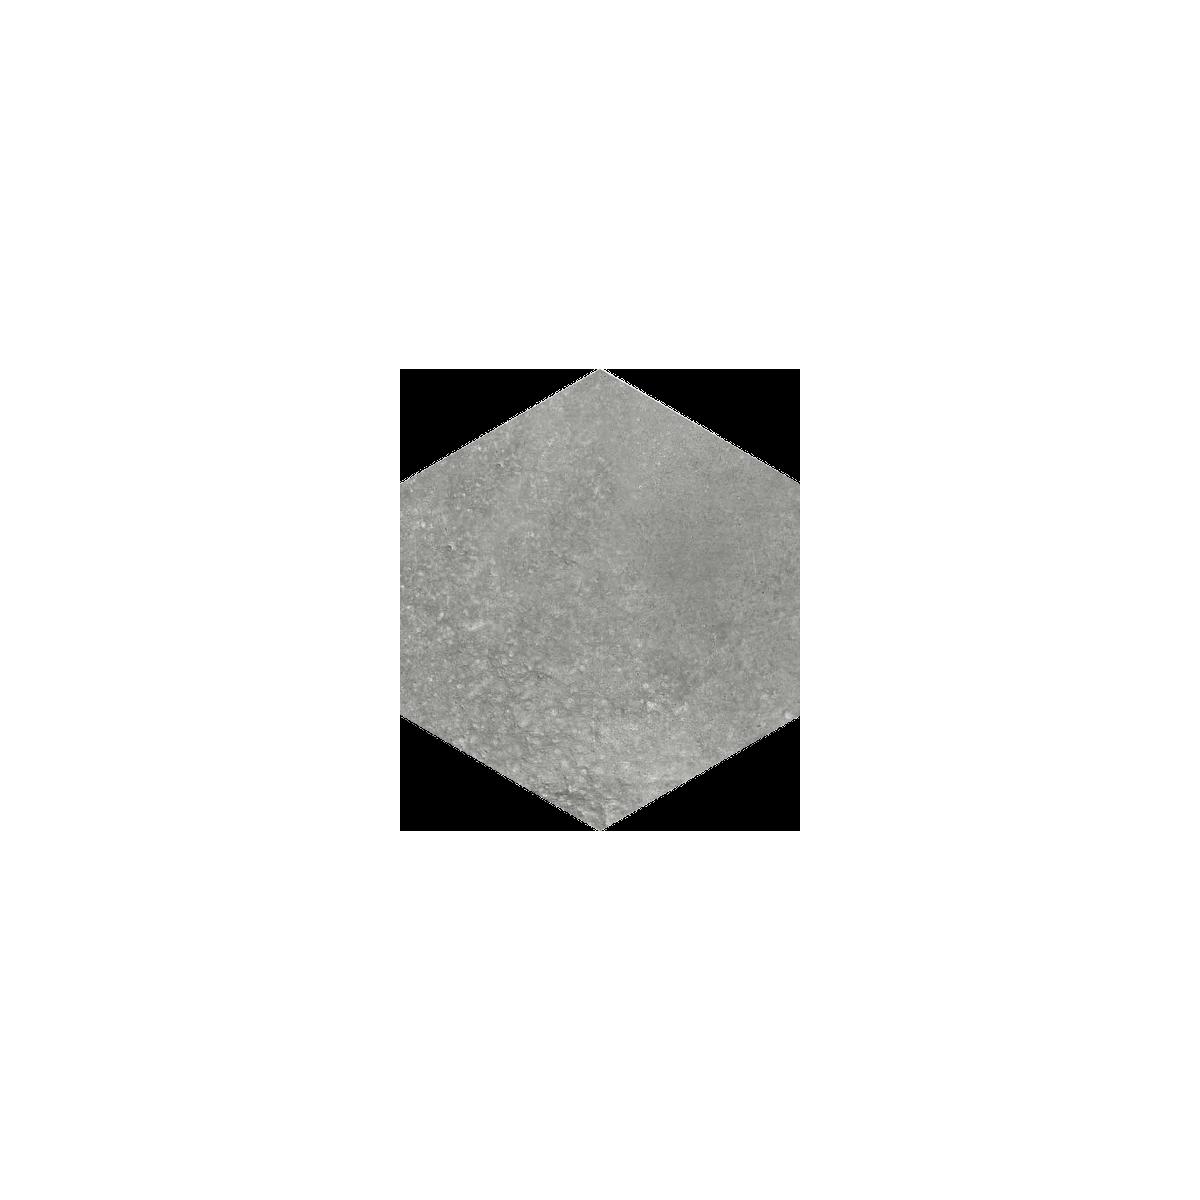 Rift Grafito Hexagonal (caja 0.5 m2)